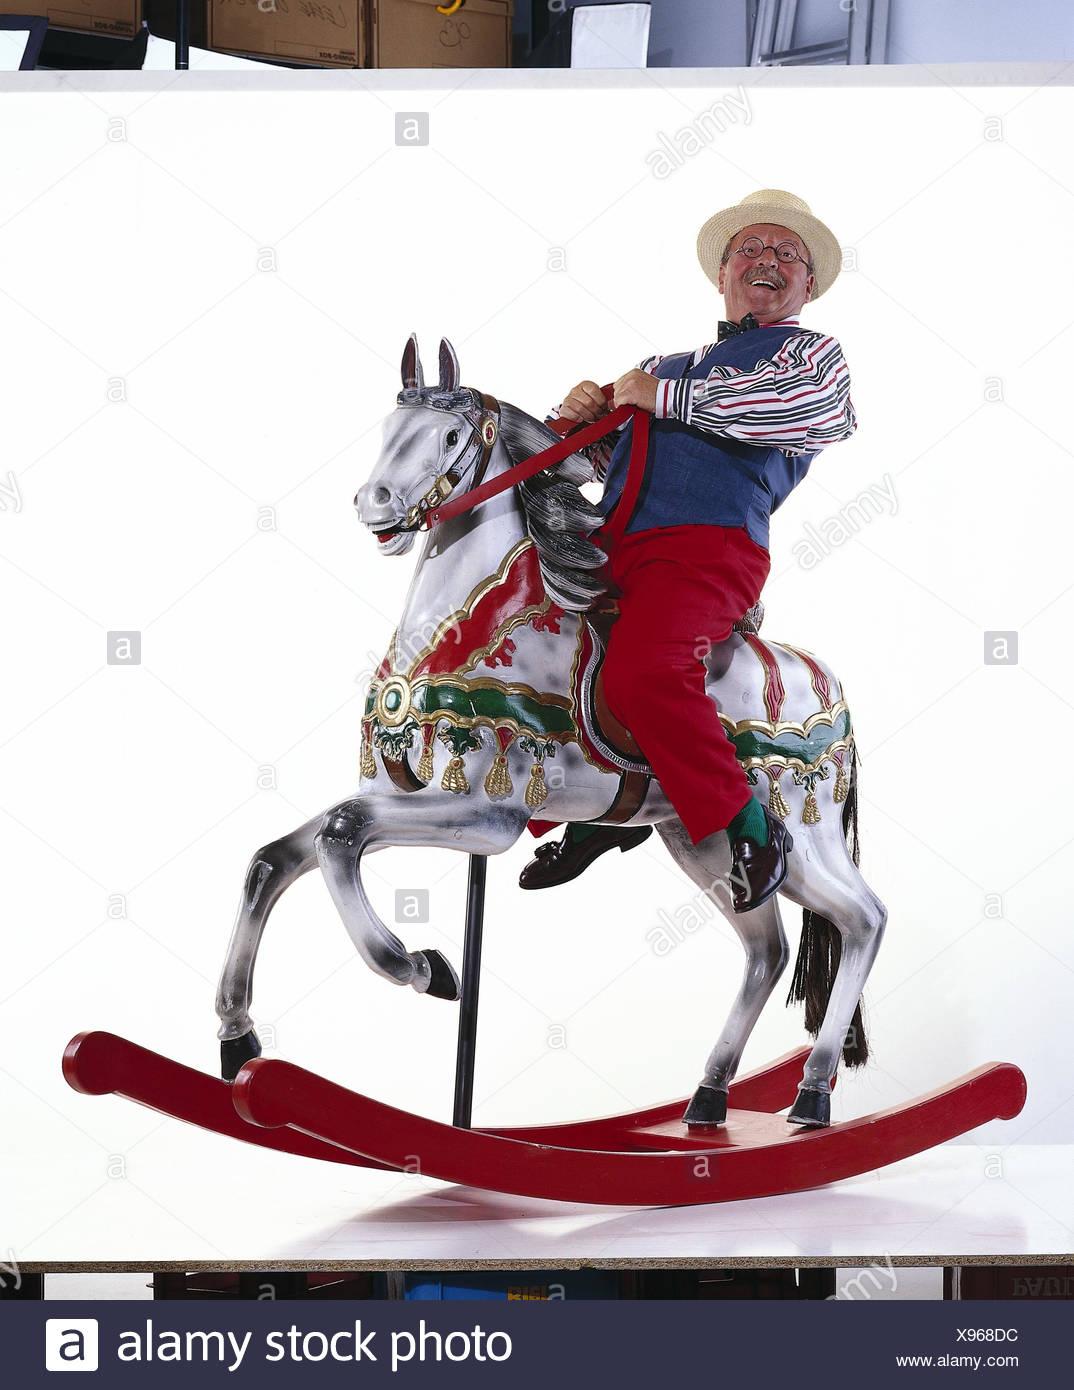 Les cadres supérieurs, de soins, de cheval à bascule, studio mb 131 A4 Photo Stock